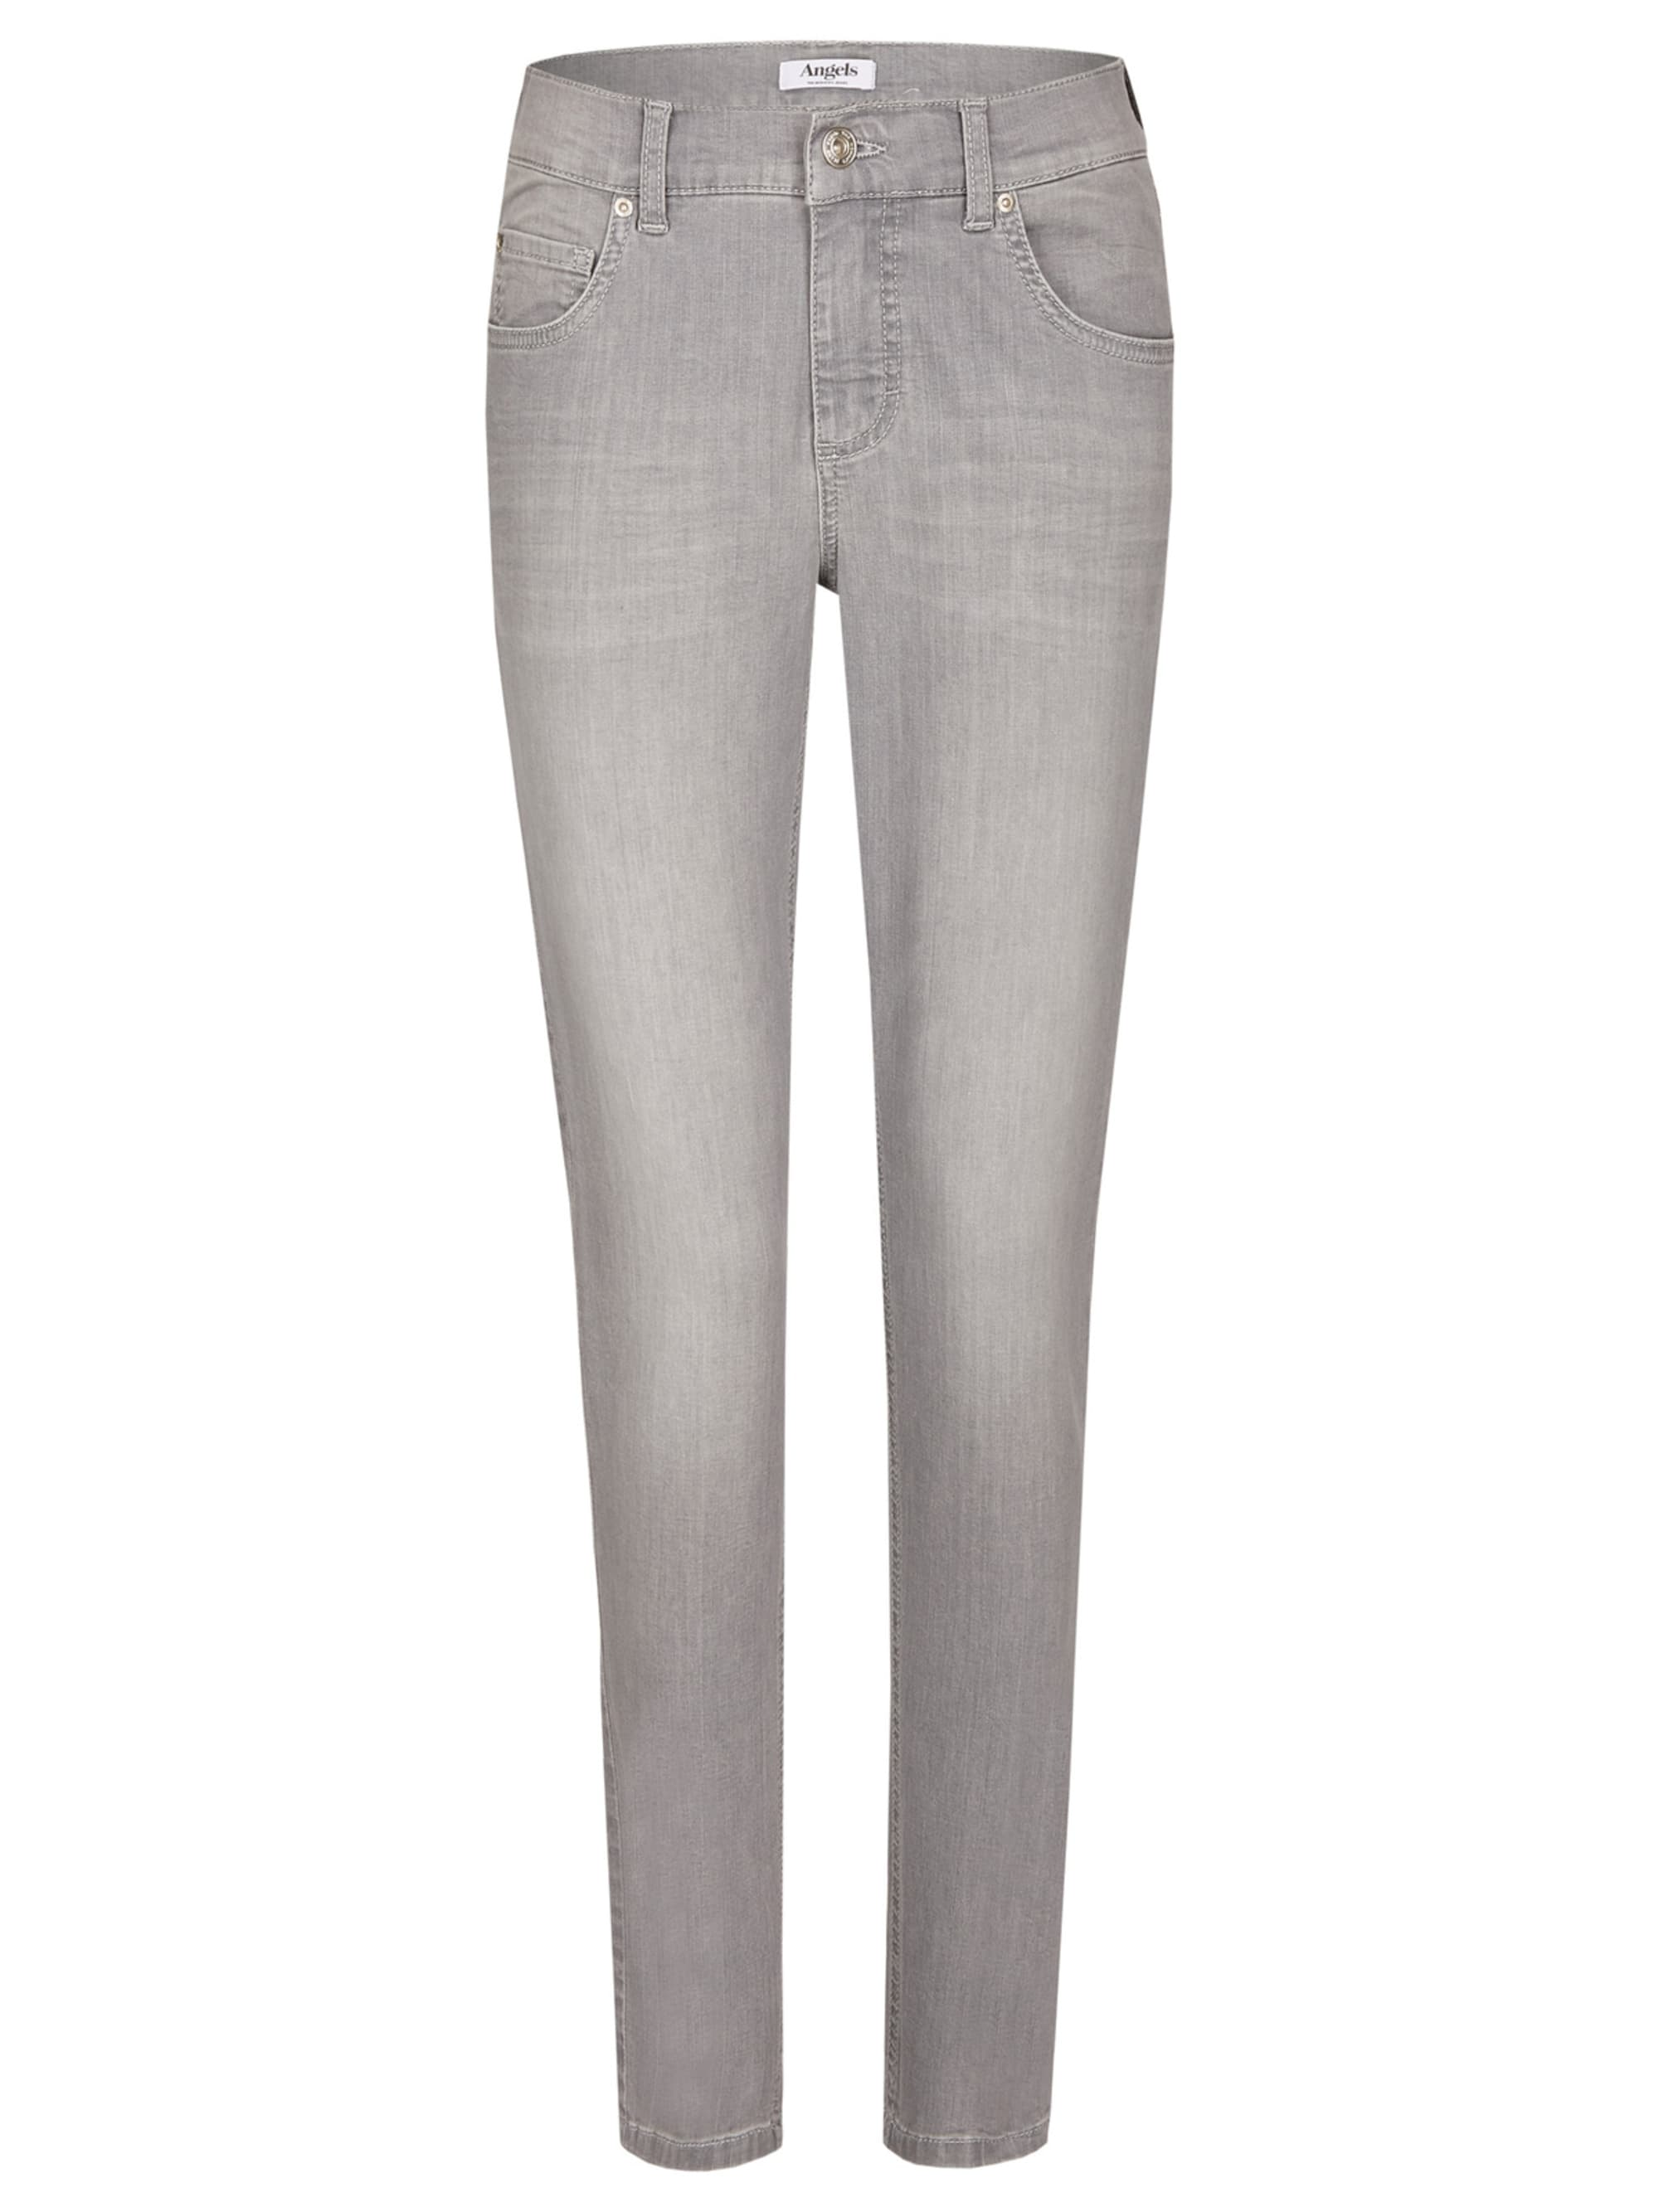 Angels Jeans ,Skinny' mit Five-Pocket-Design I6p2v 4rGfD